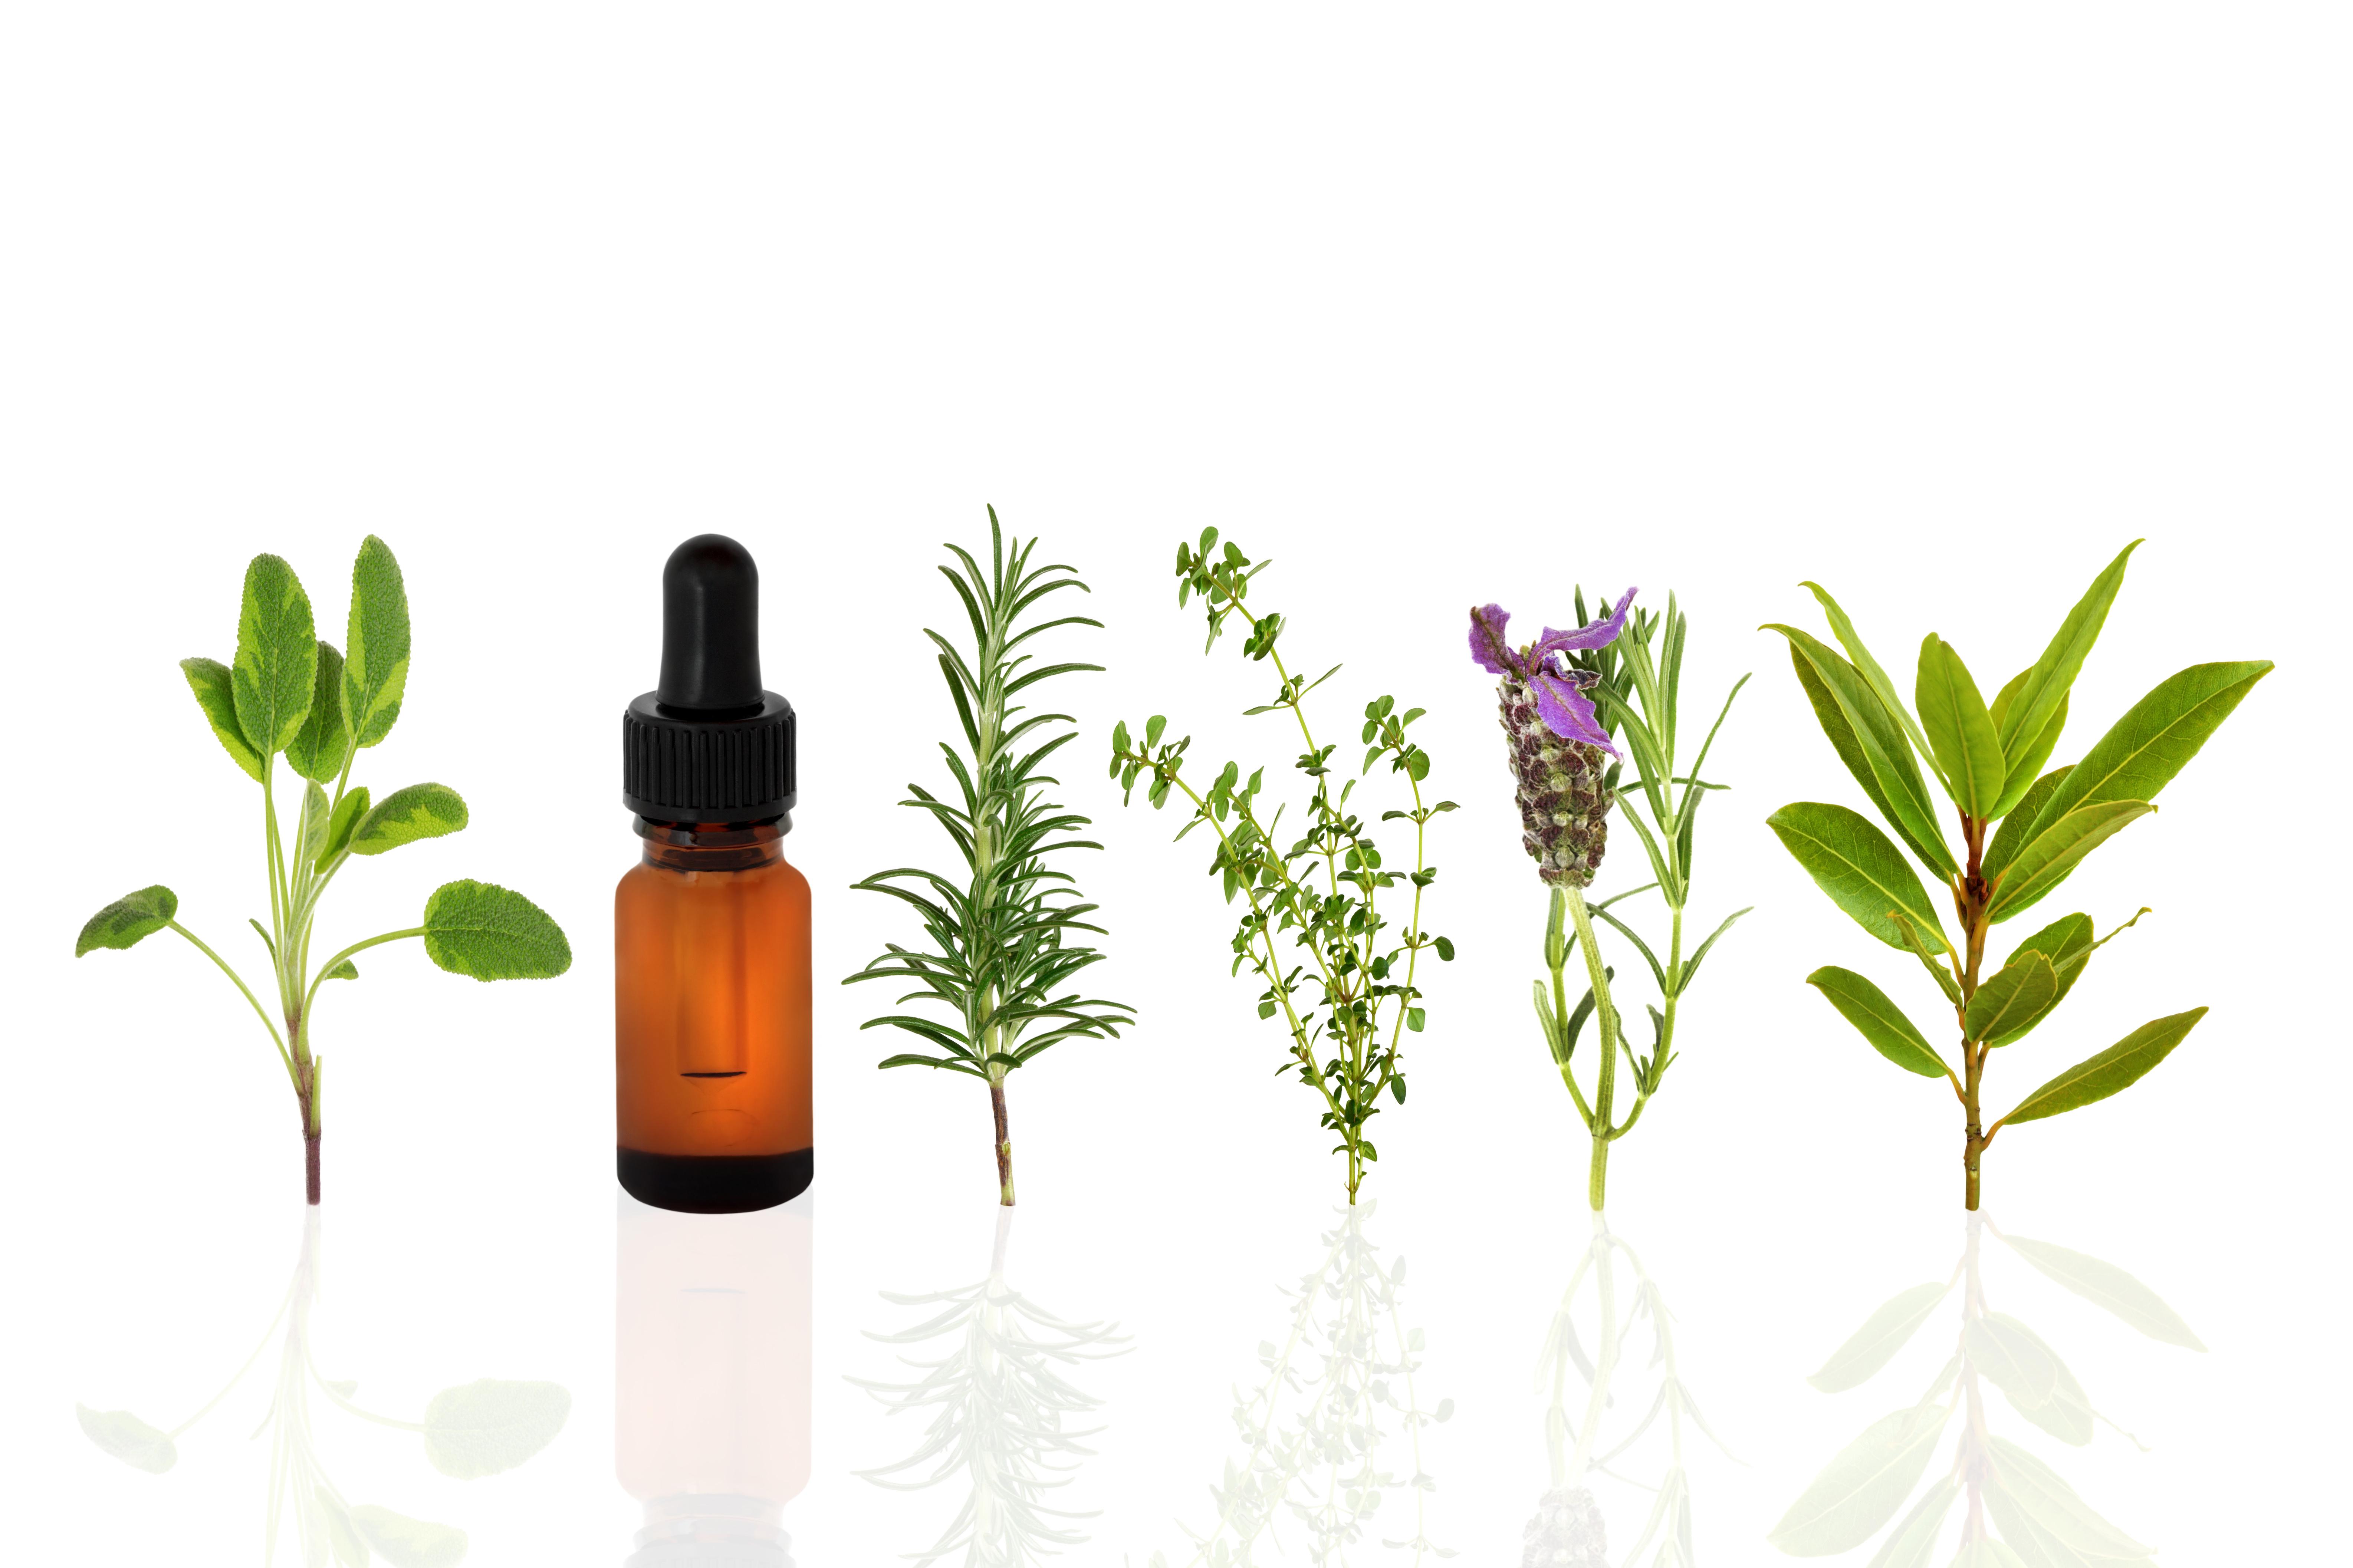 Борьба с плесенью: масло чайного дерева против химических веществ!